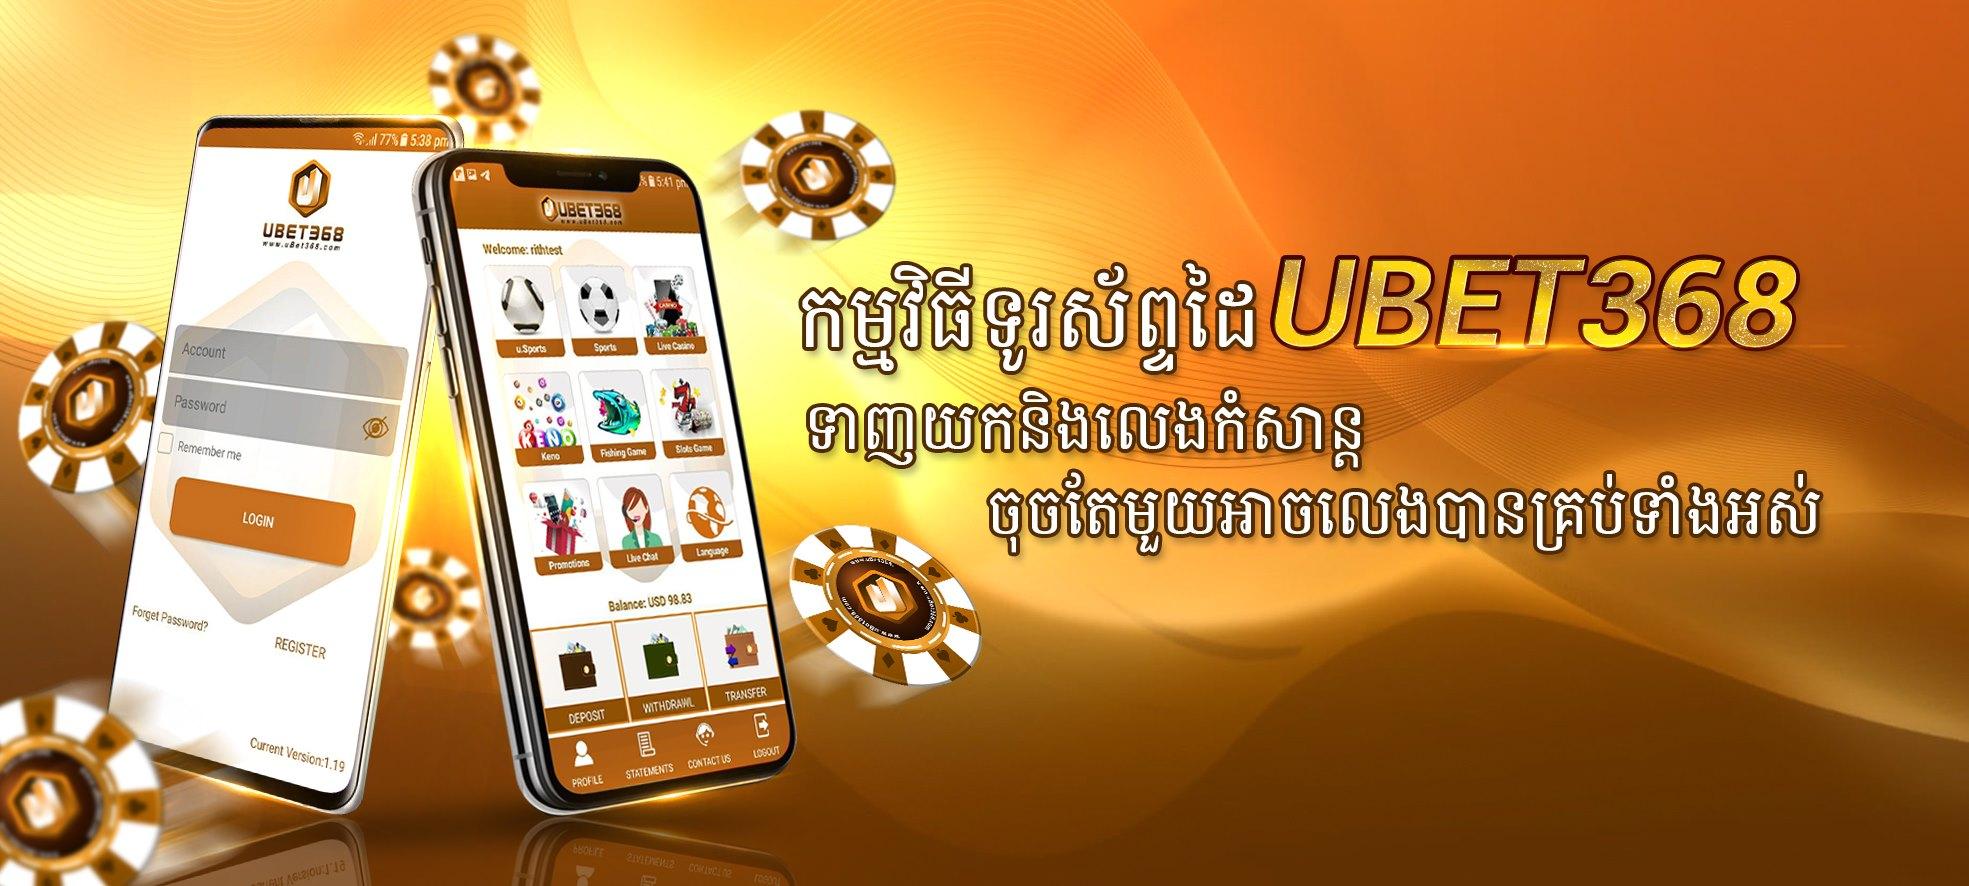 ubet368 Quick Service